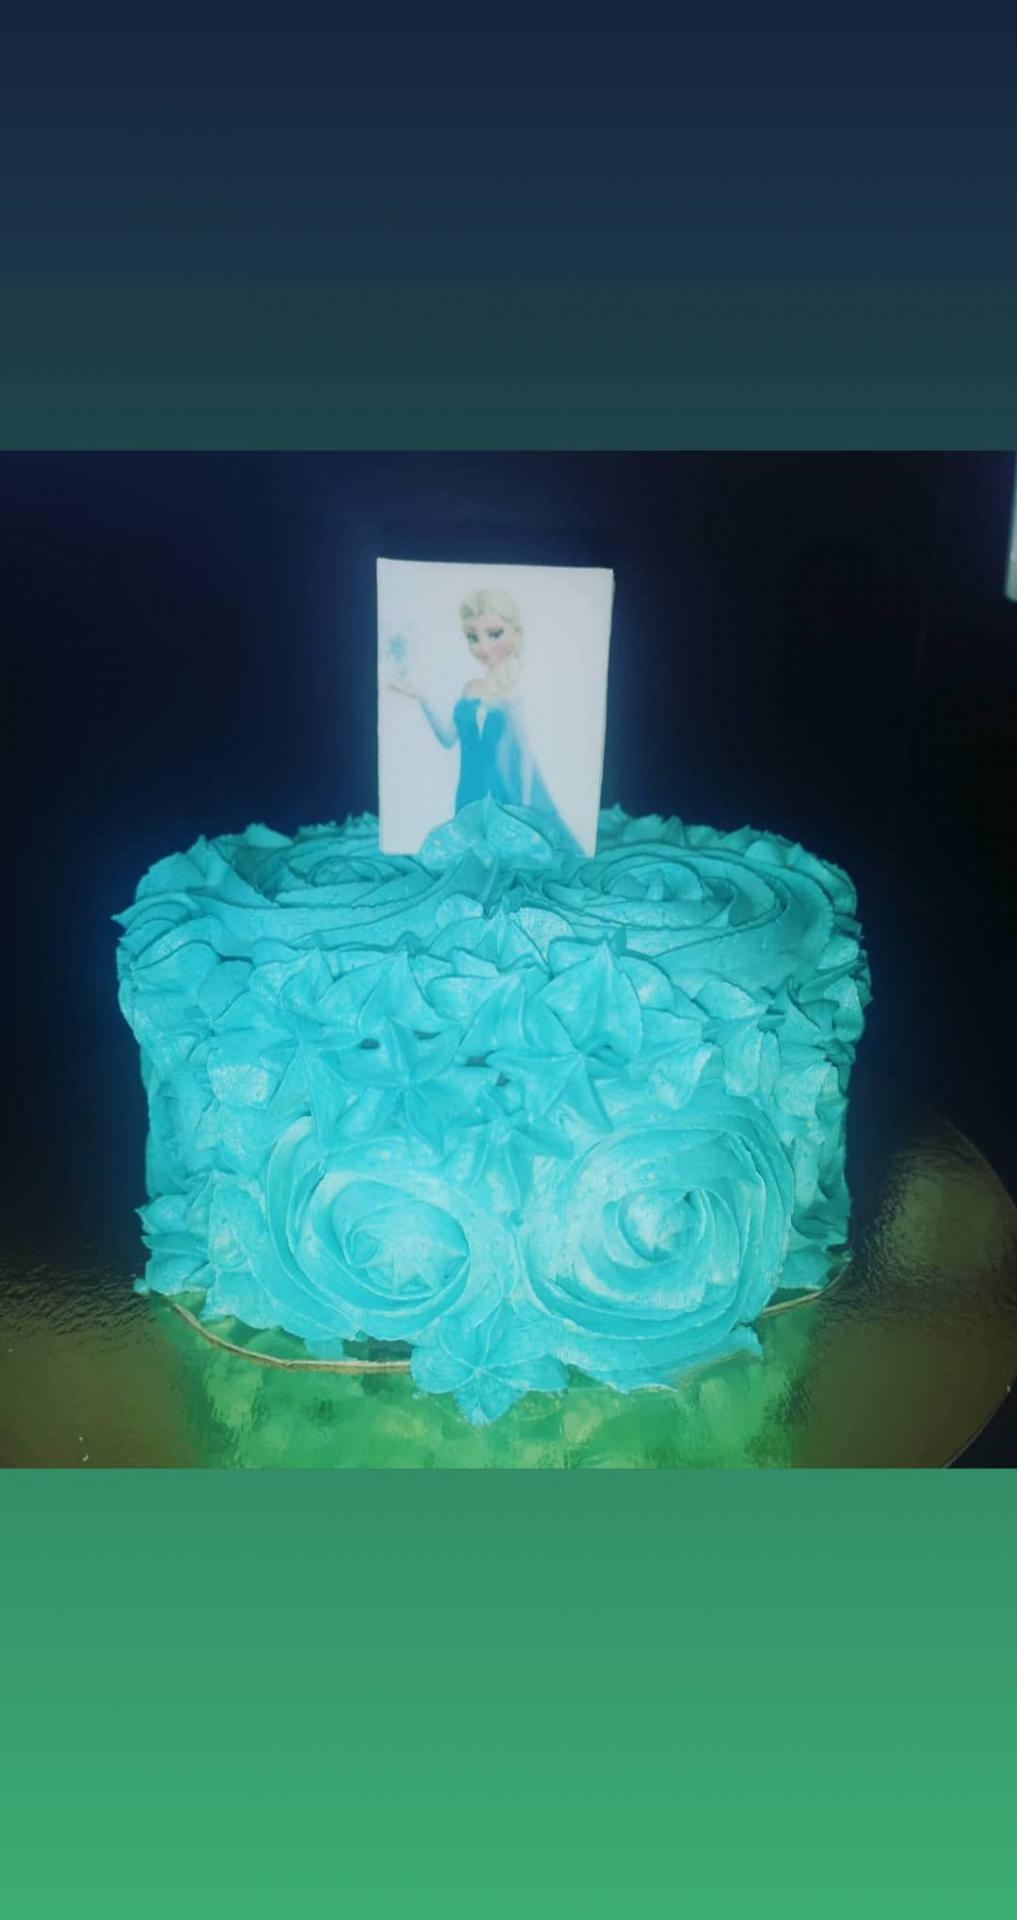 Petit gâteau surprise sur la reine des neiges